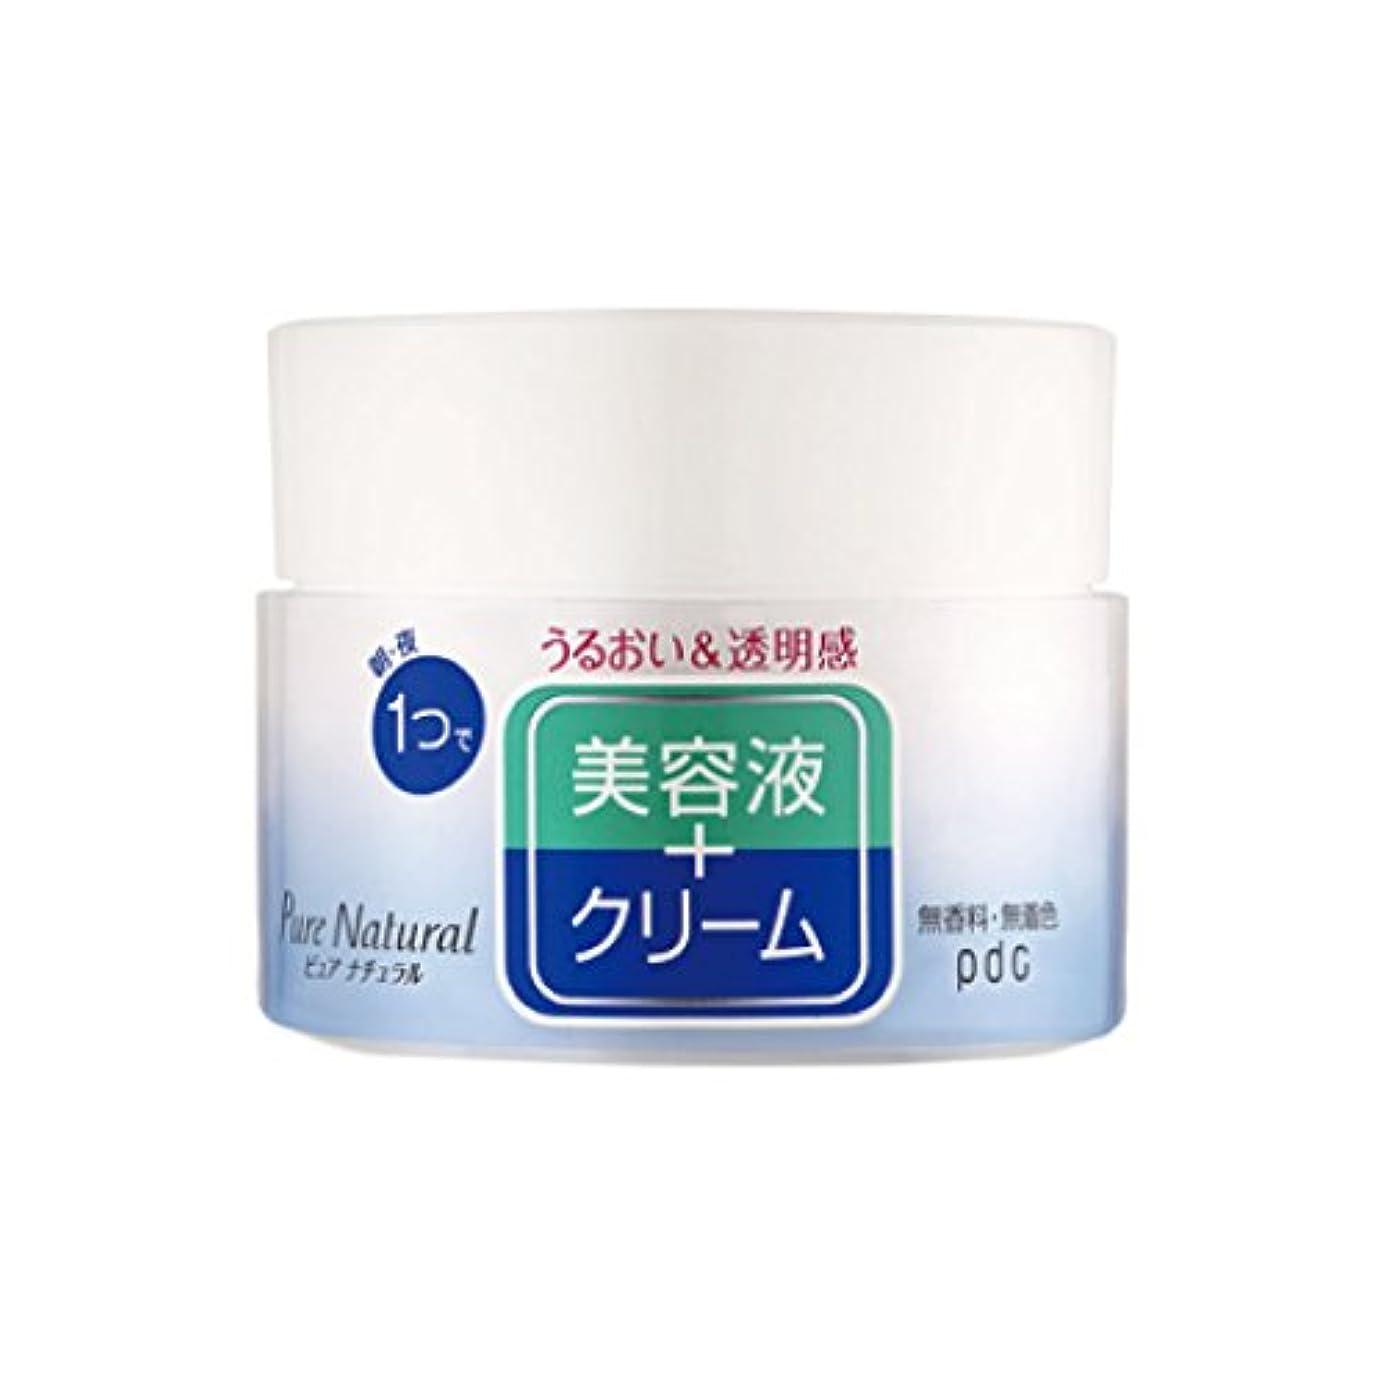 ベーカリーフィットネス医師Pure NATURAL(ピュアナチュラル) クリームエッセンス モイスト 100g